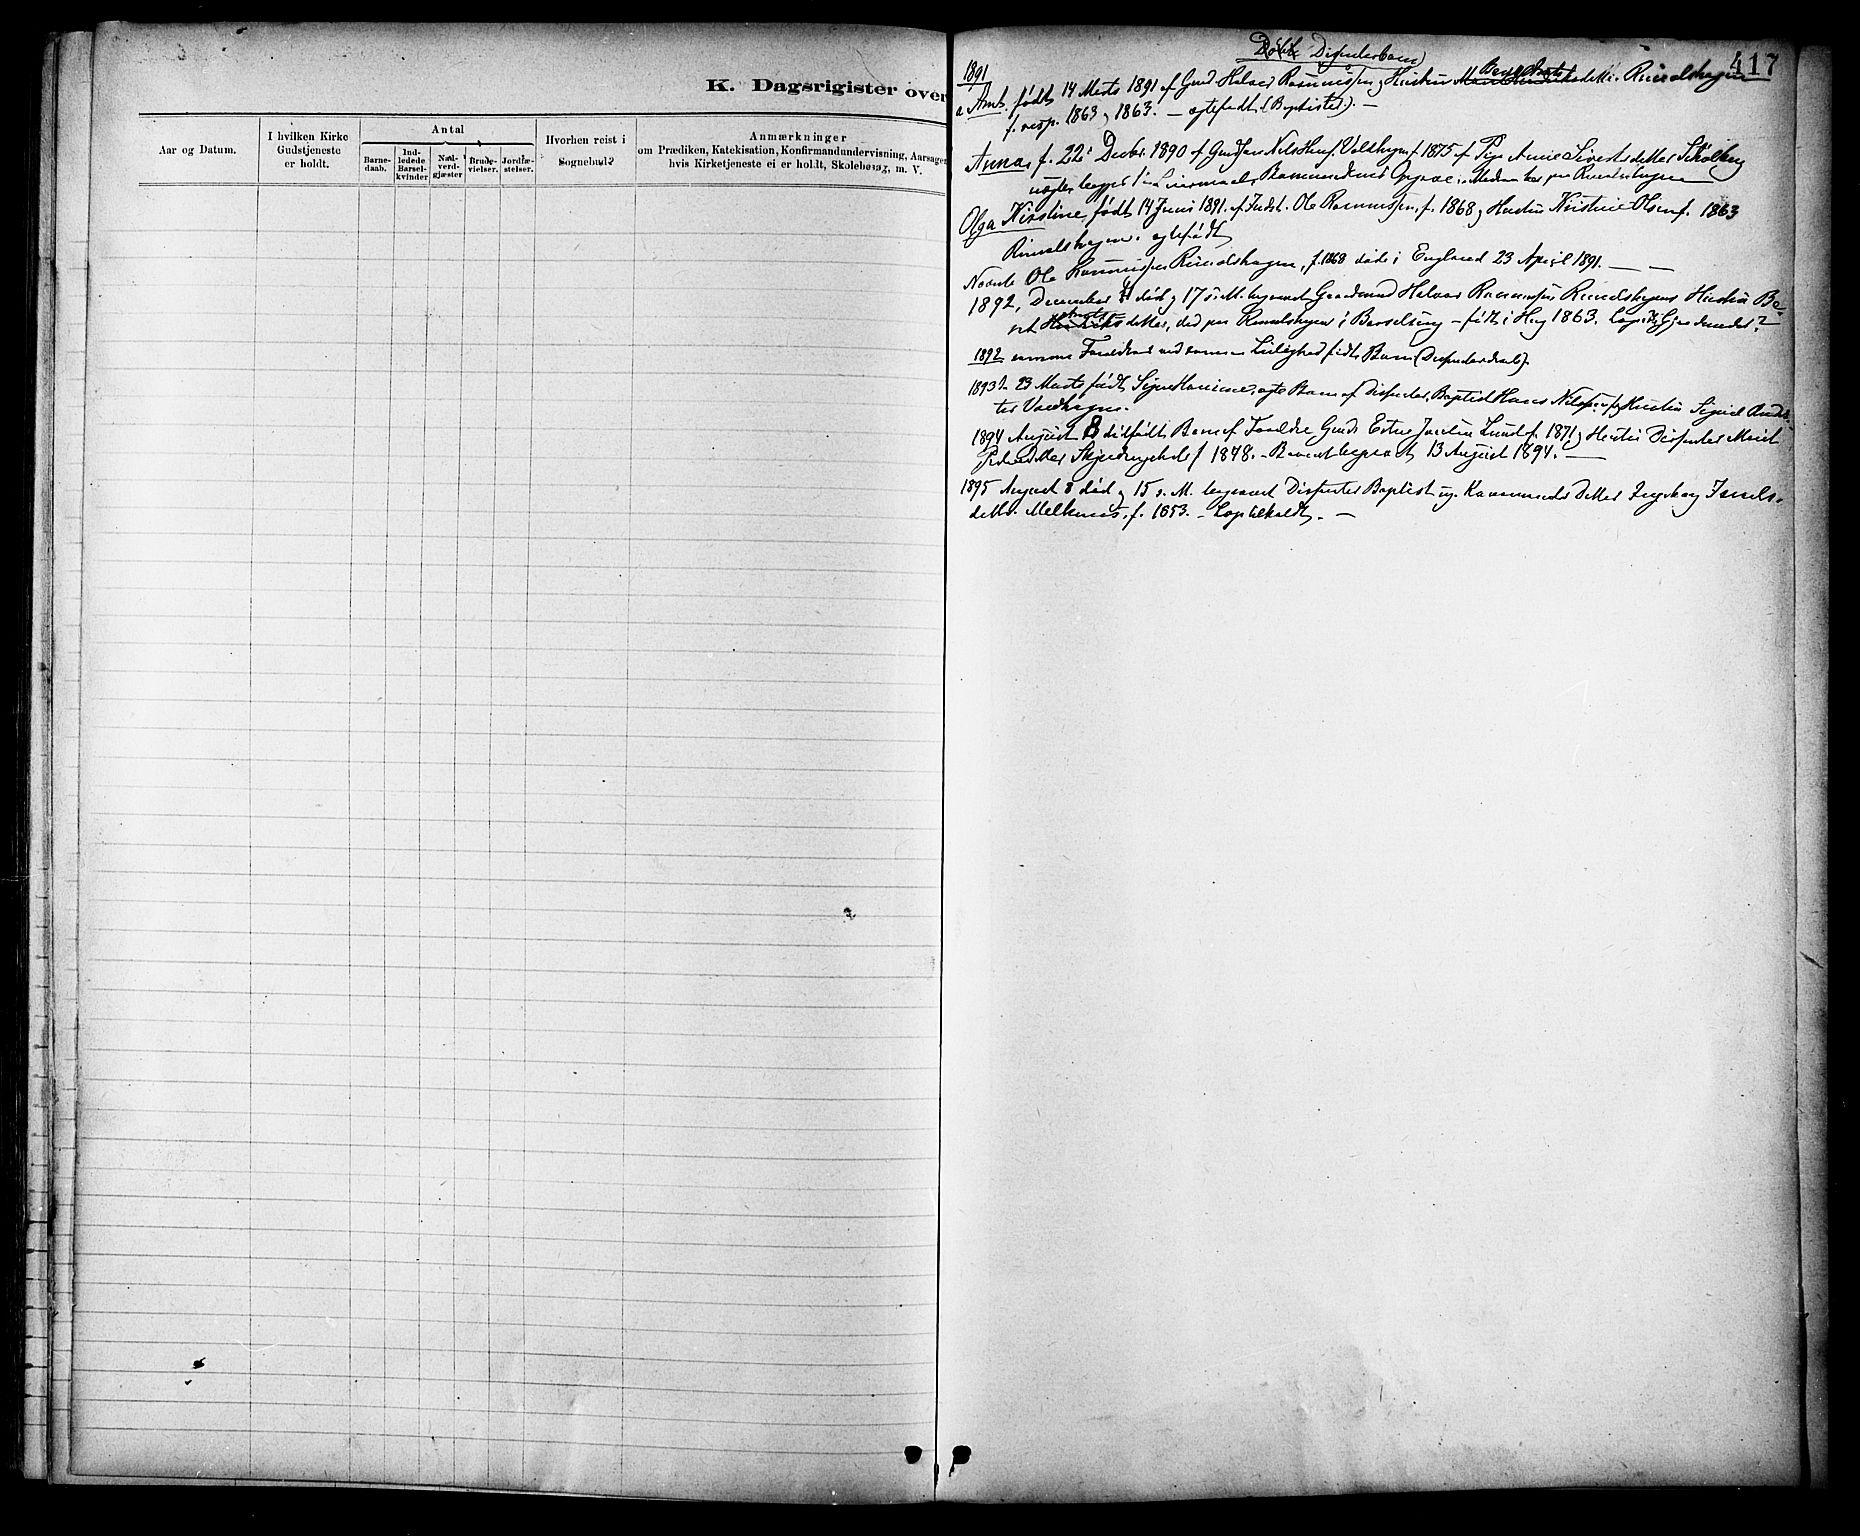 SAT, Ministerialprotokoller, klokkerbøker og fødselsregistre - Sør-Trøndelag, 691/L1094: Klokkerbok nr. 691C05, 1879-1911, s. 417